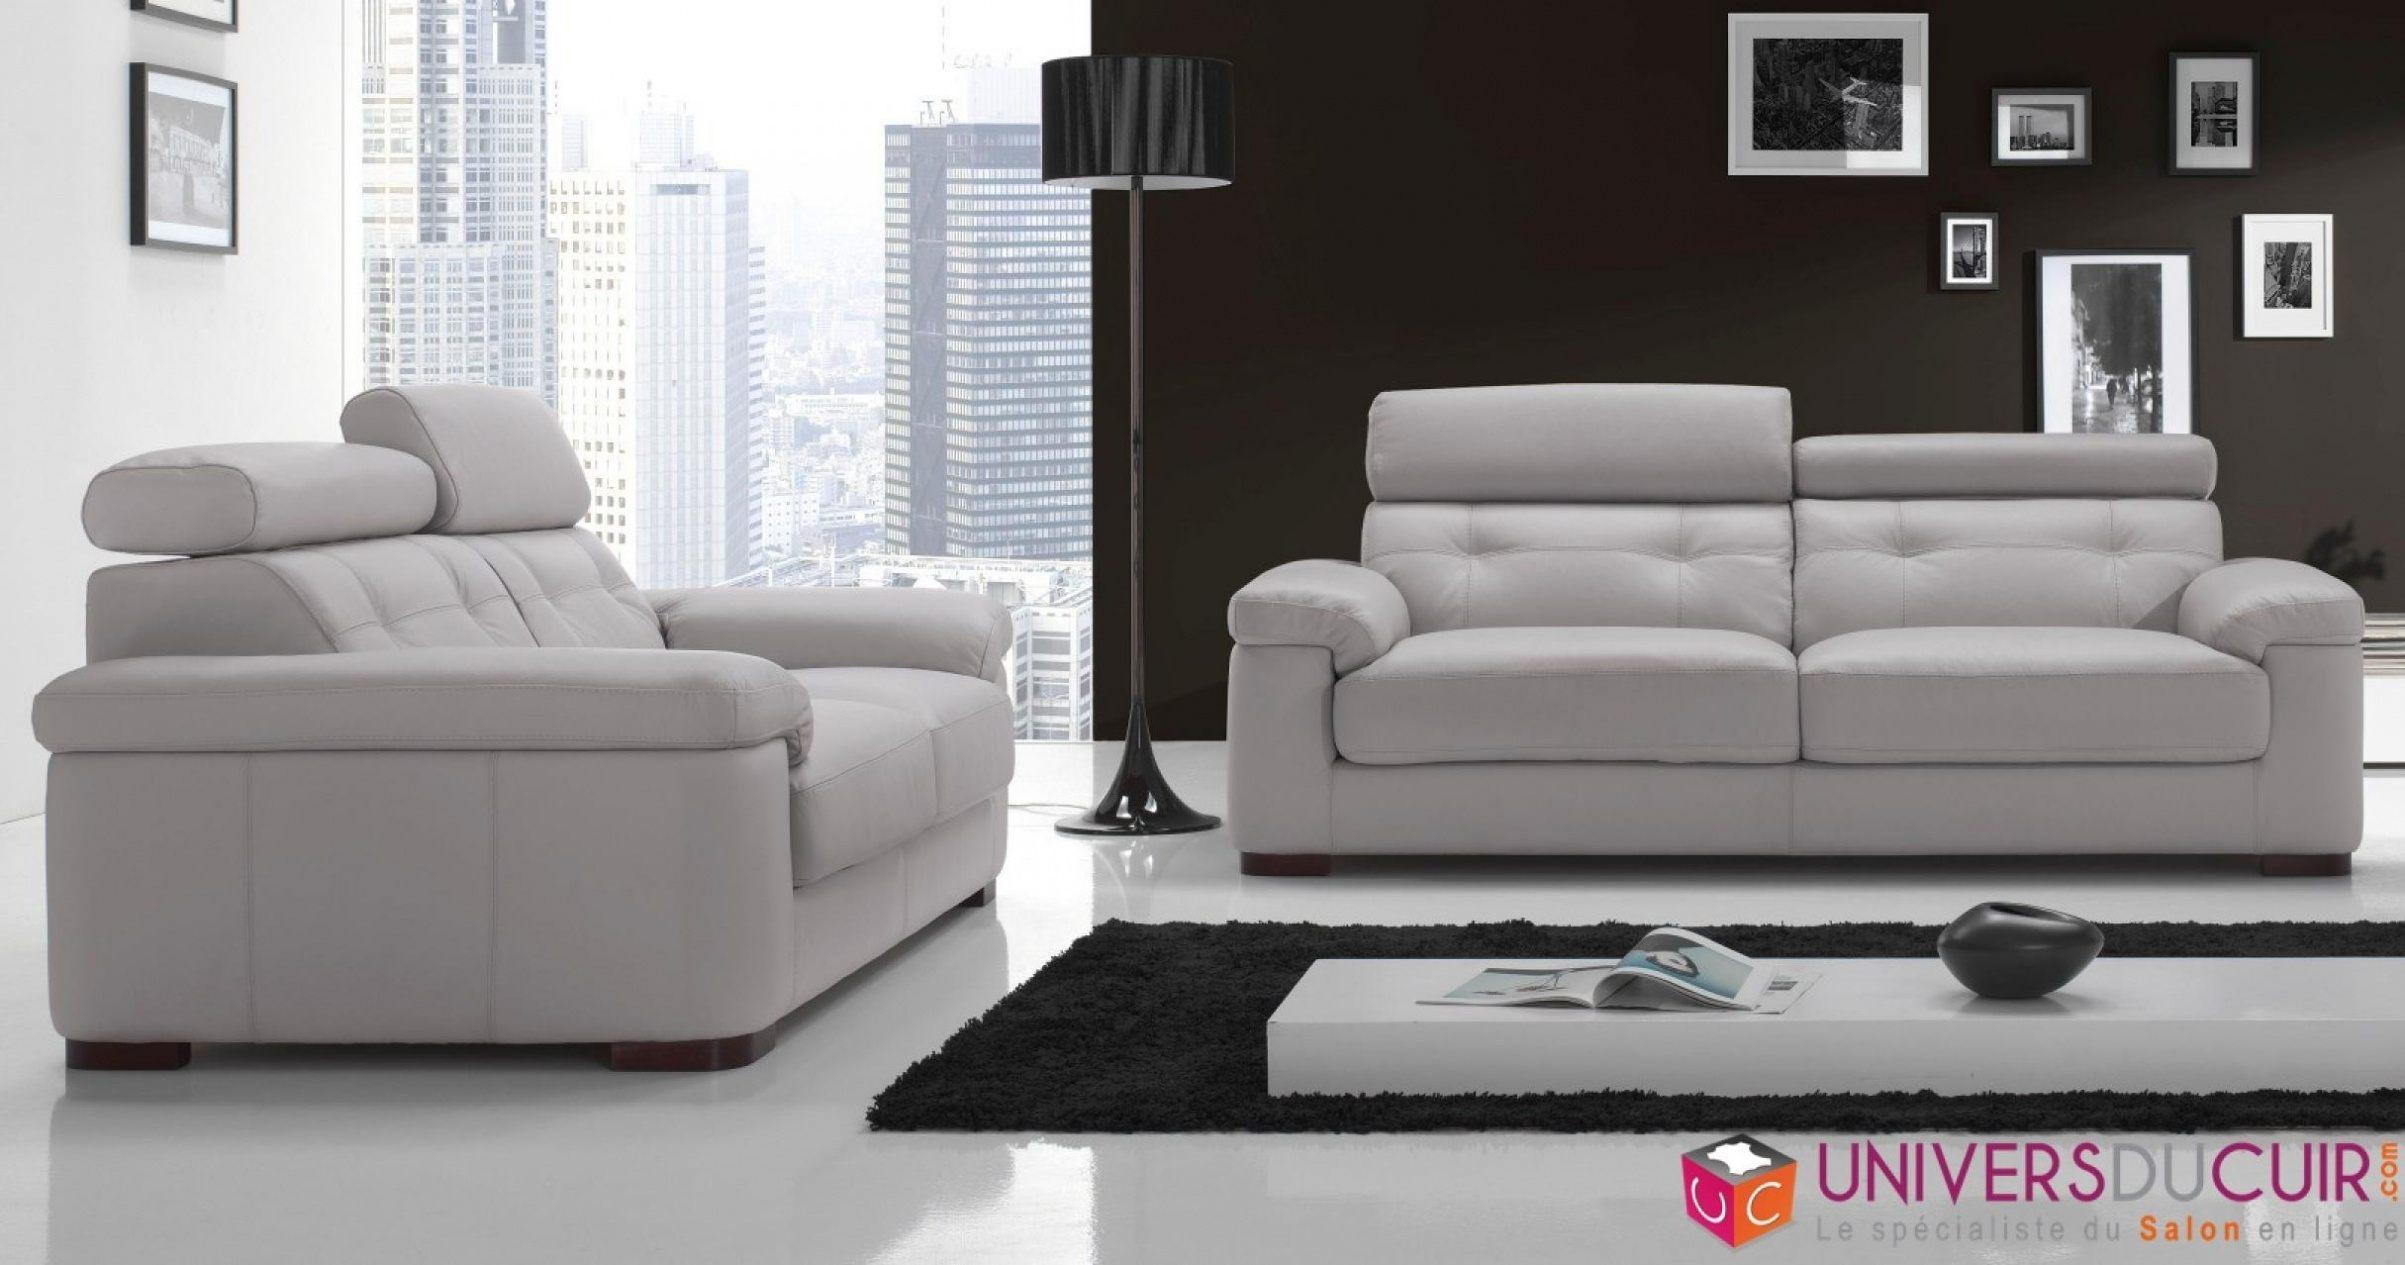 Poltronesofa Canape Lit Nouveau étonnant Canape Angle Poltronesofa Ou Poltron Et sofa Unique Canapé